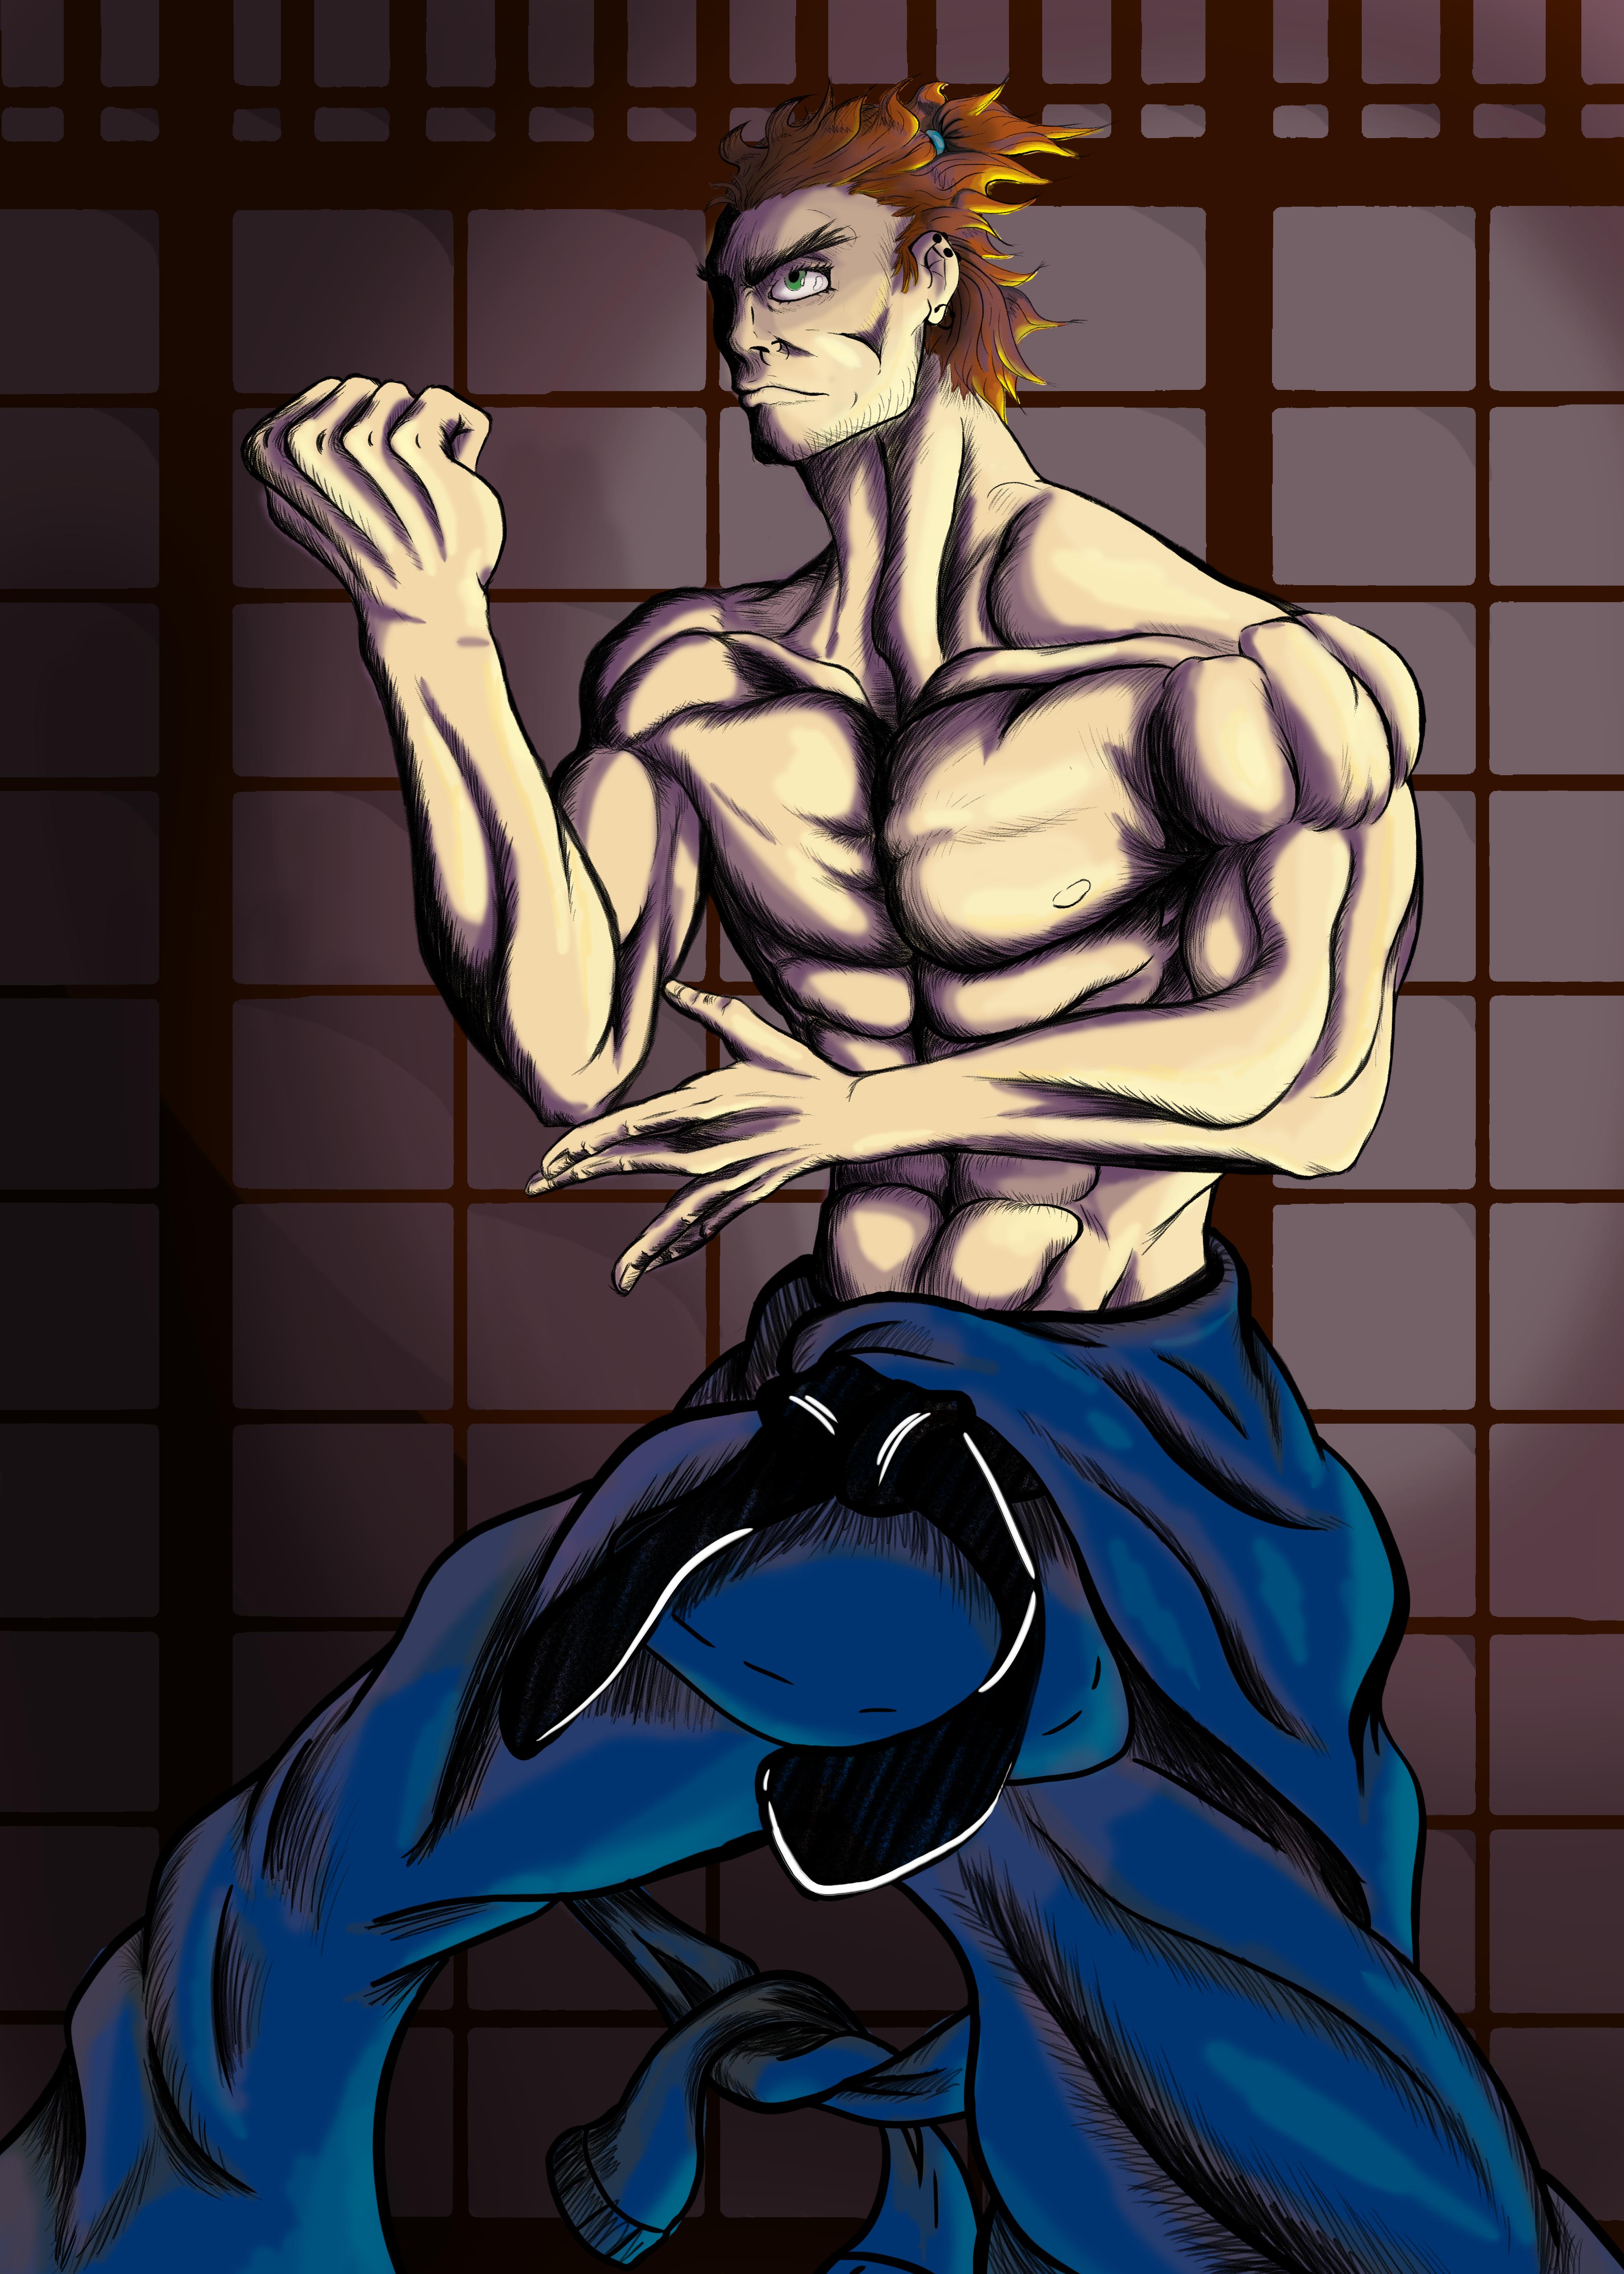 Ooka (original Street Fighter character)